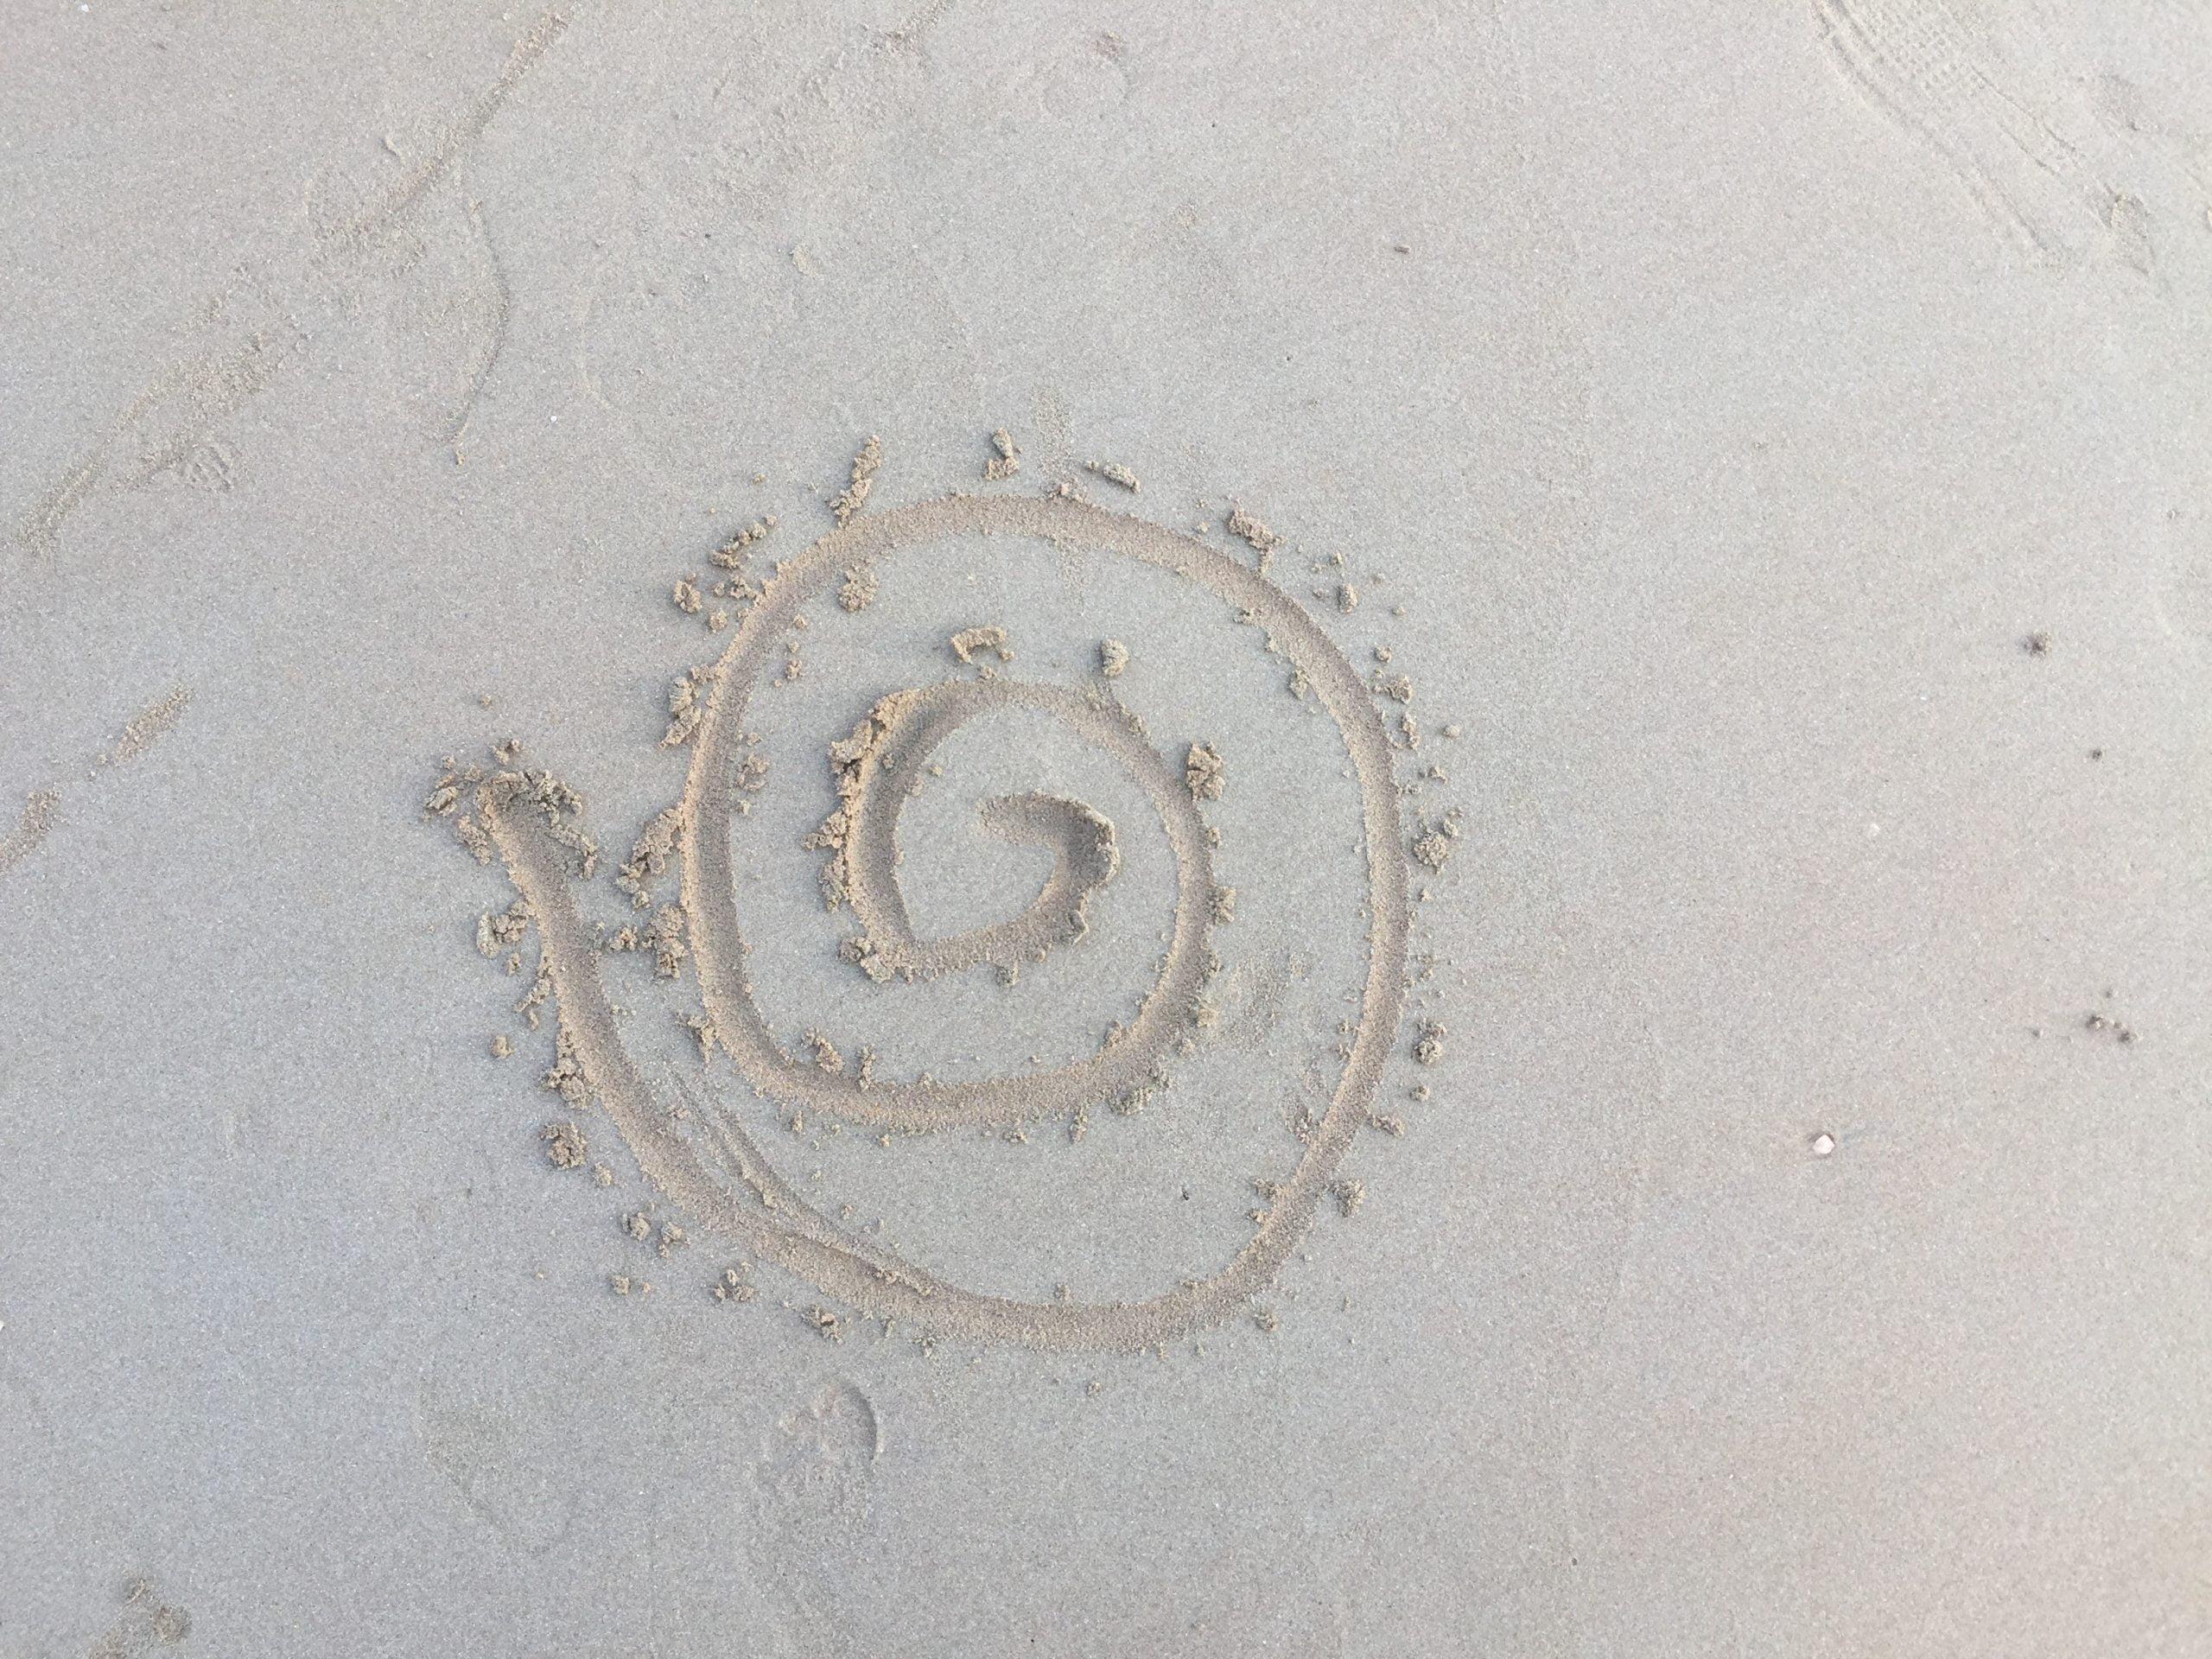 evia yoga solingen symbol veraenderung spirale im sand kontakt